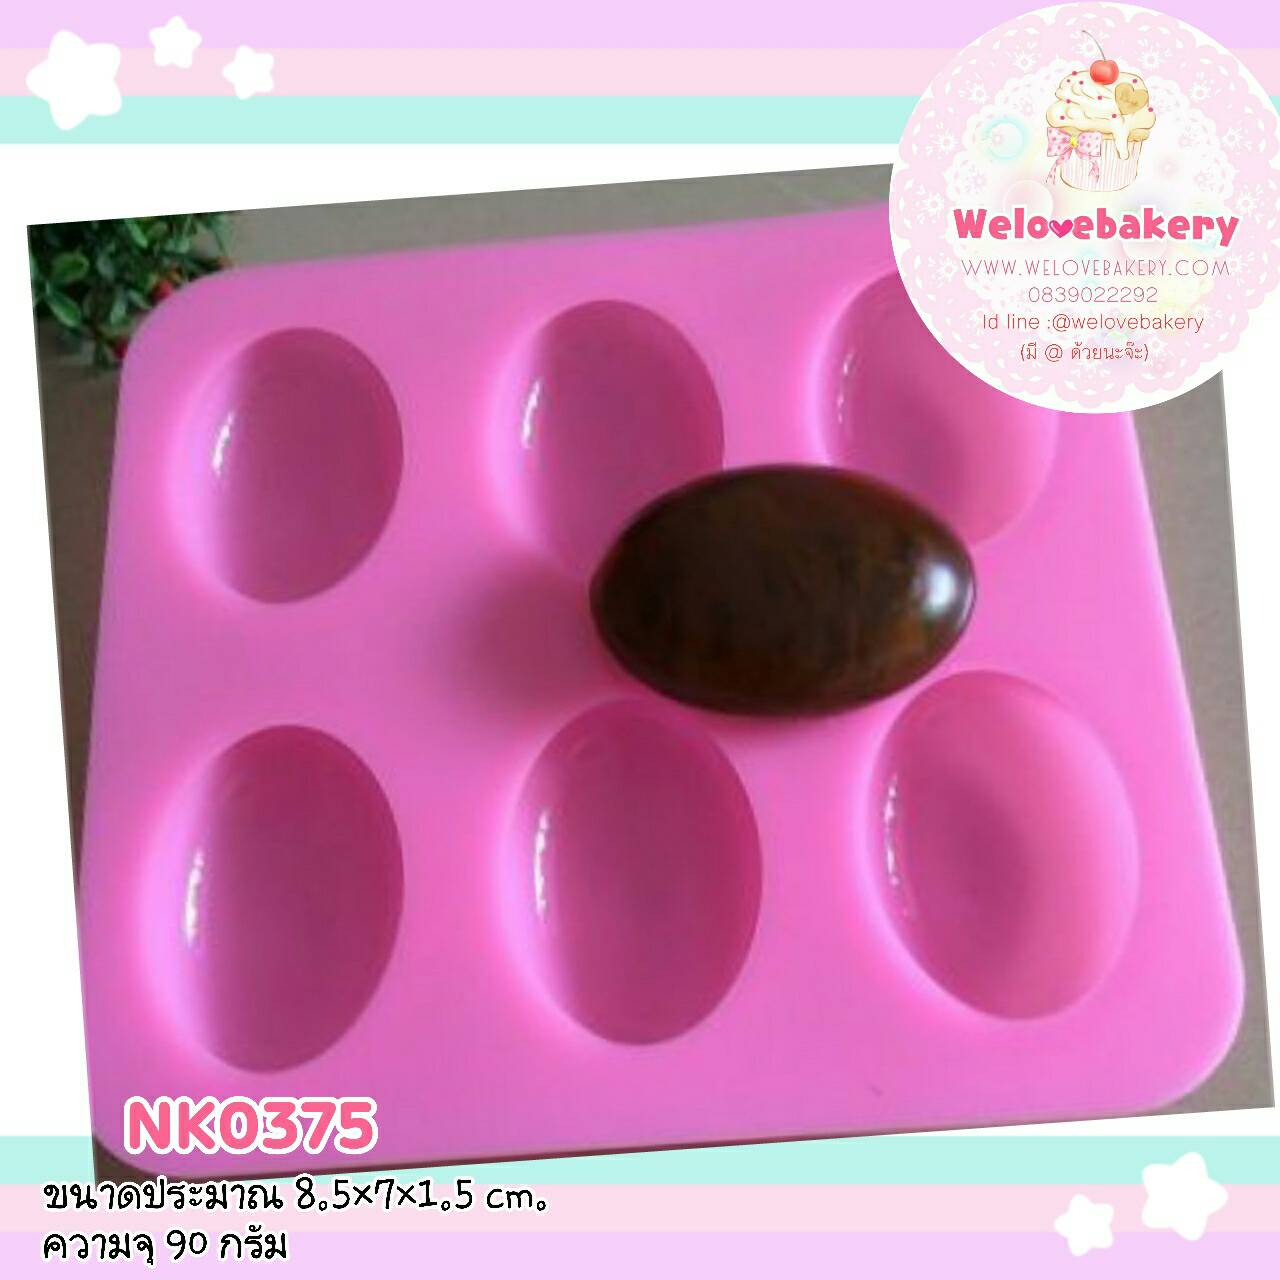 พิมพ์ยางซิลิโคน วงรี รูปไข่ ความจุ 90 กรัม 6 ช่อง